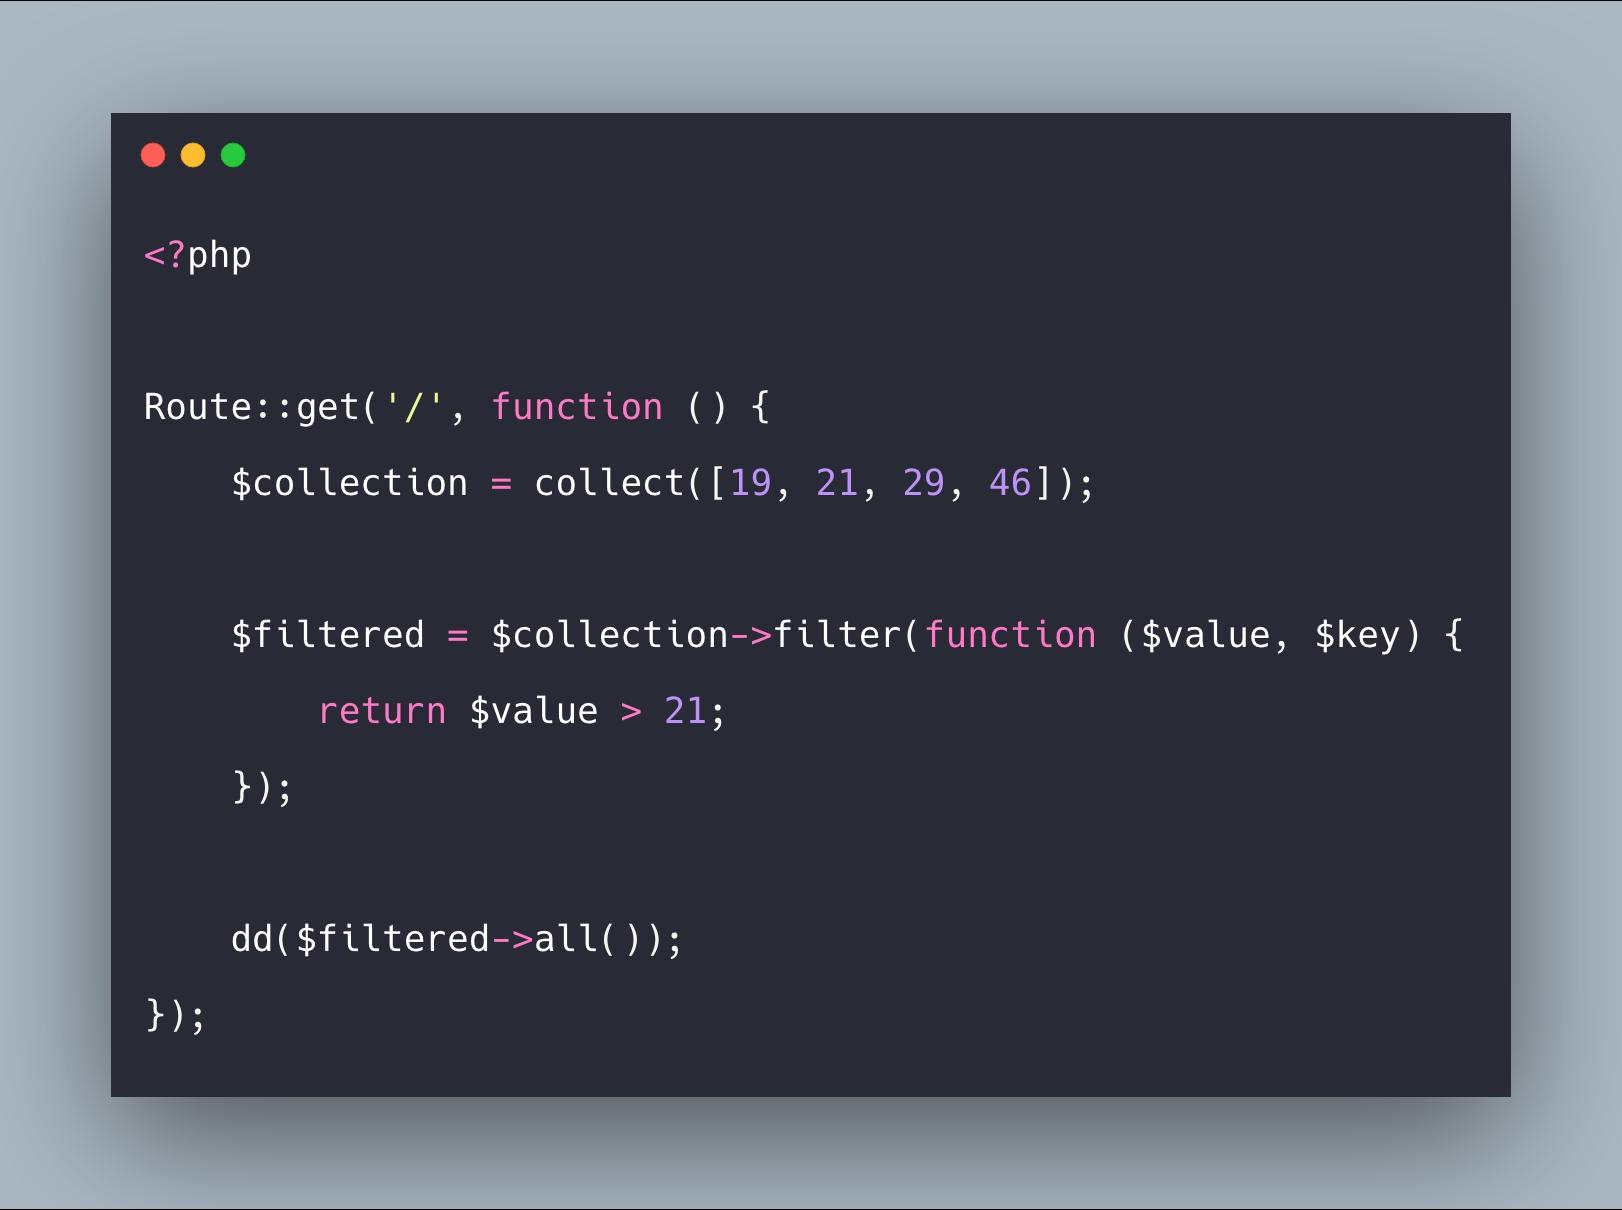 آموزش متد filter کالکشن در لاراول به همراه مثال